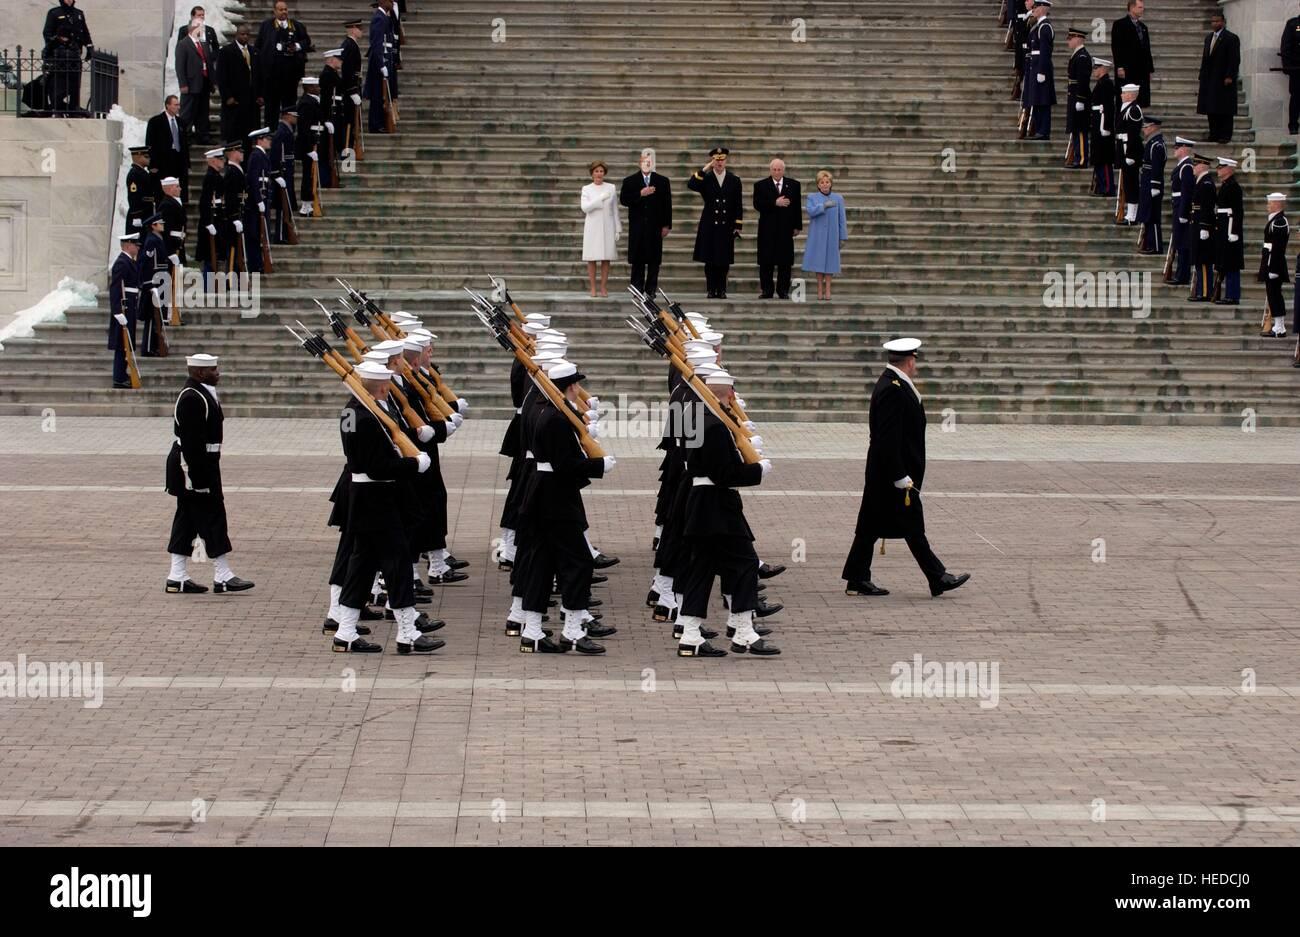 La Marina de los EE.UU. Guardia de Honor Ceremonial pasa en la revisión durante la segunda ceremonia de inauguración Foto de stock